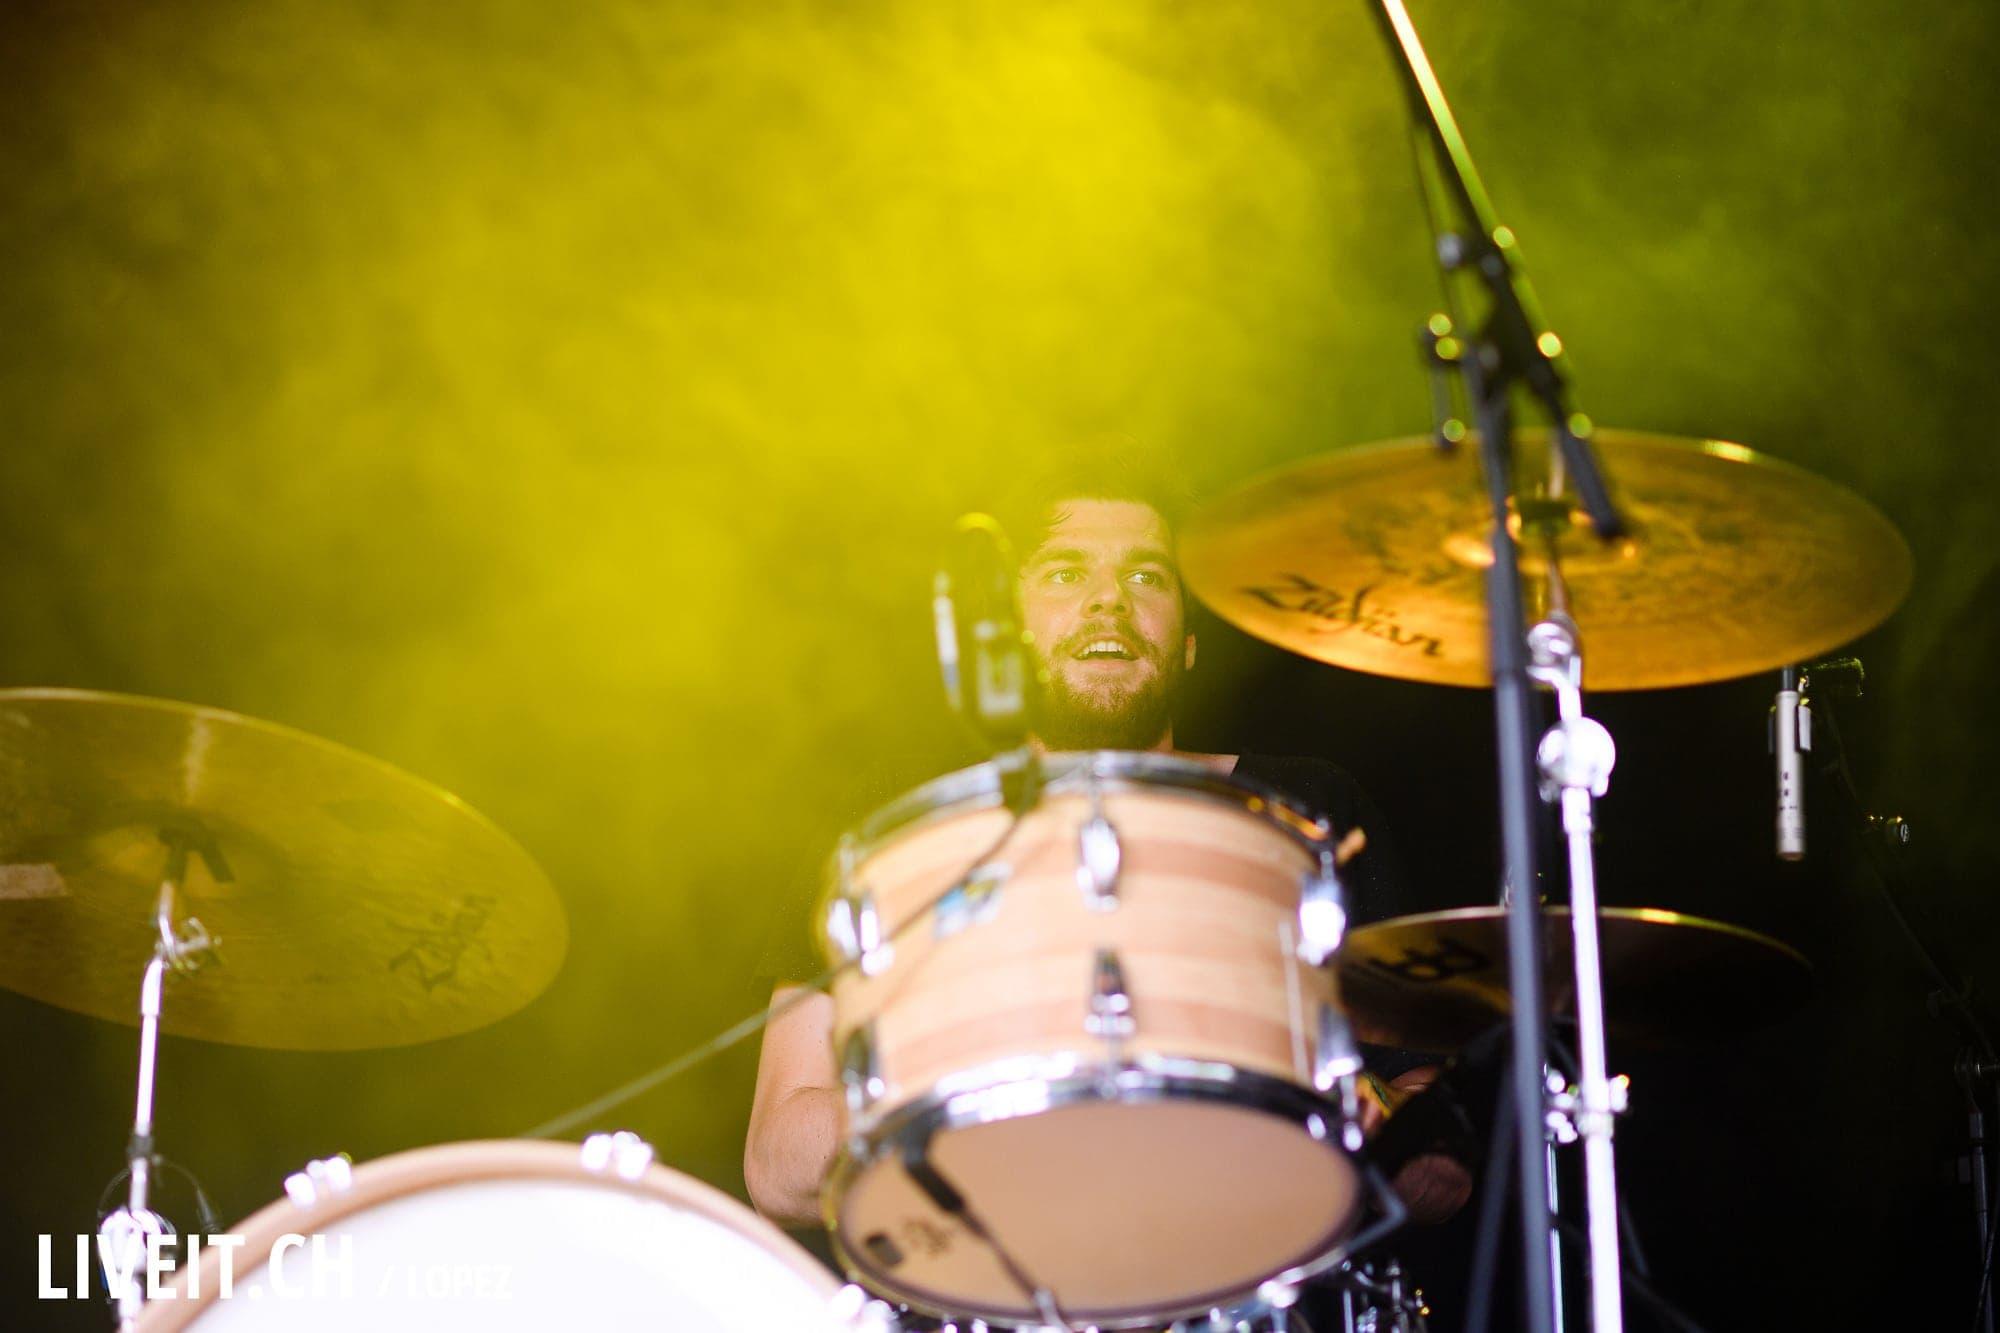 Manuel Lopez